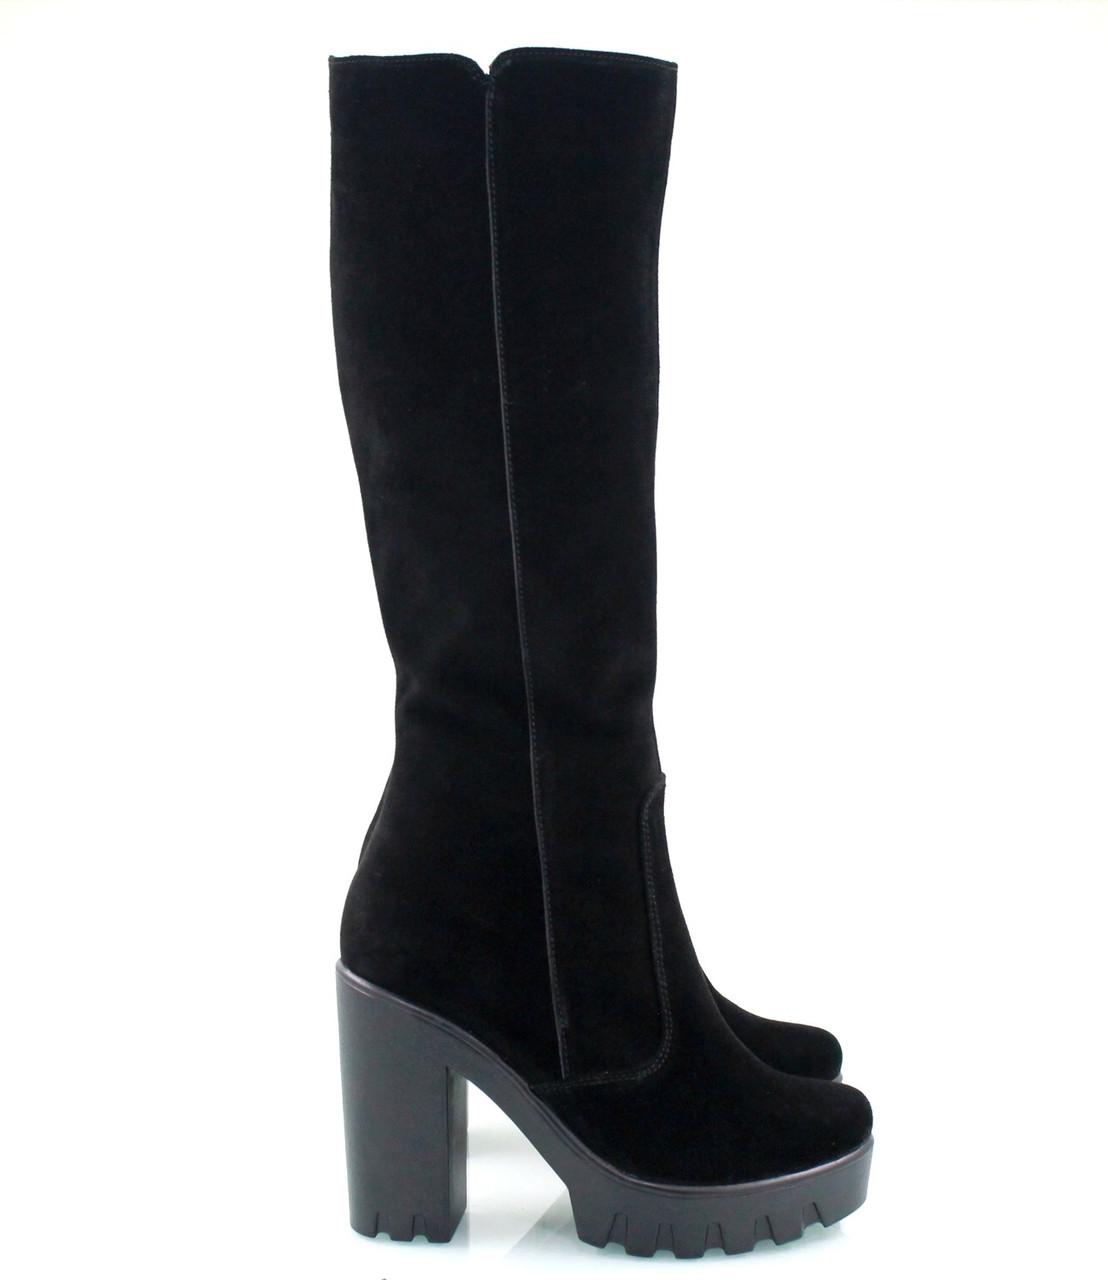 Зимние Замшевые сапоги 818-09зз - Интернет-магазин обуви